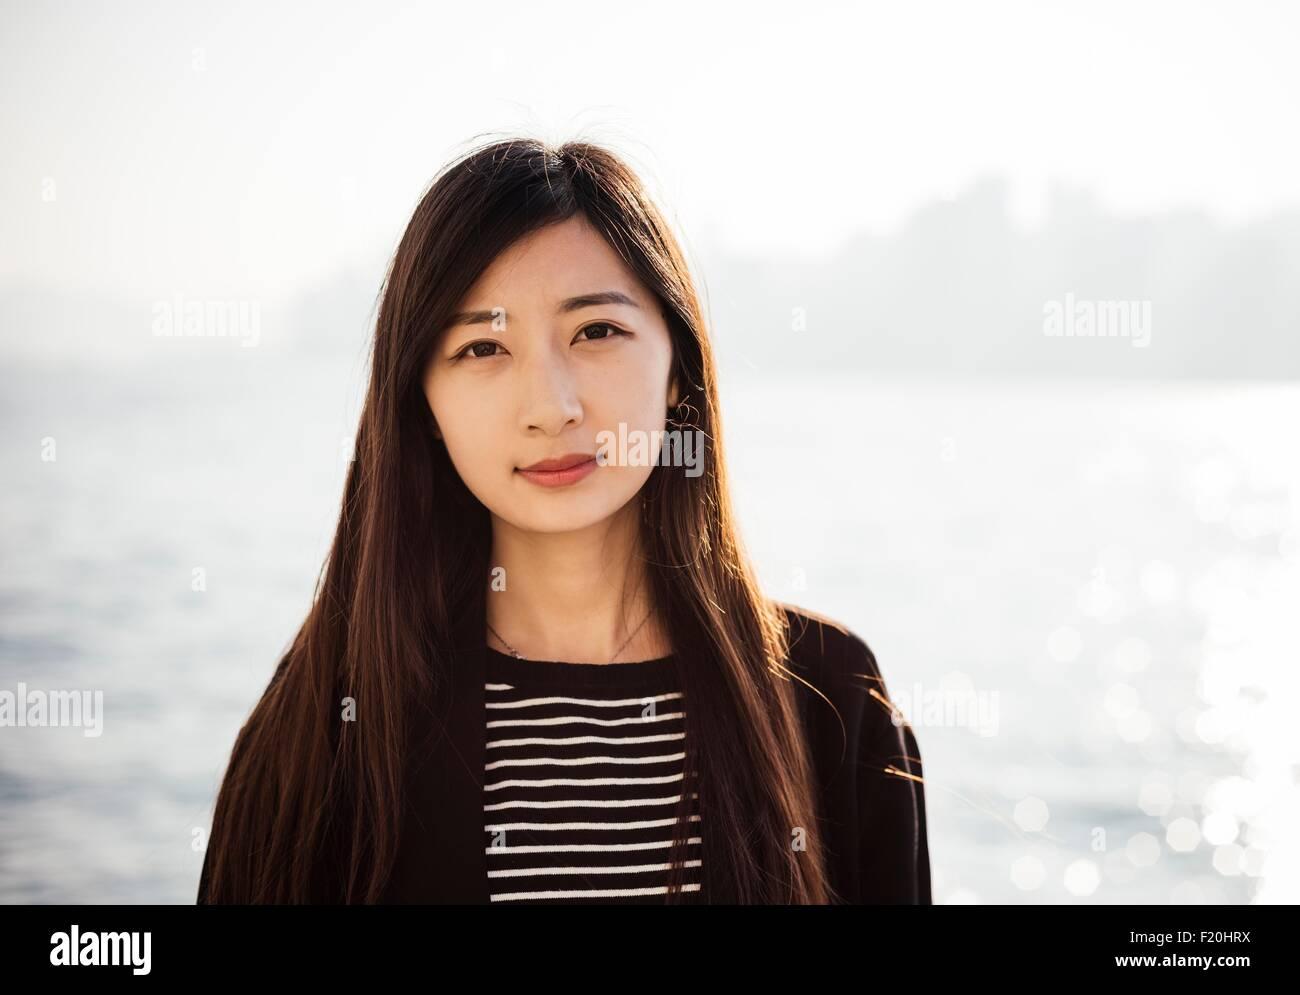 Porträt der jungen Frau mit lange brünette Haare tragen, gestreiftes Top Blick in die Kamera Stockfoto